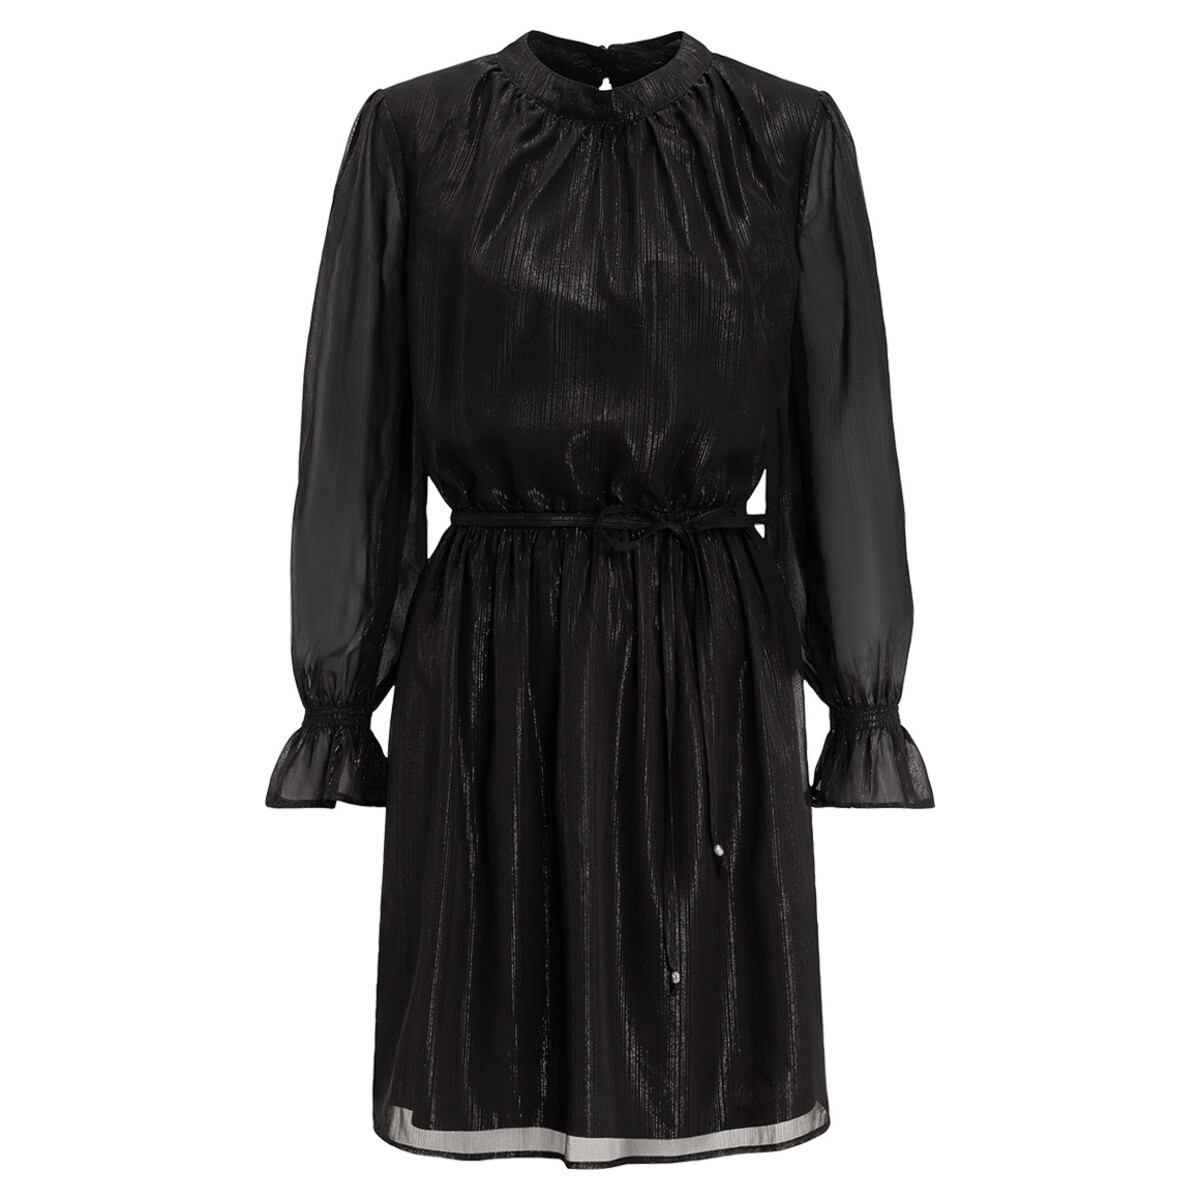 Bild 1 von Damen Kleid mit Effektgarn